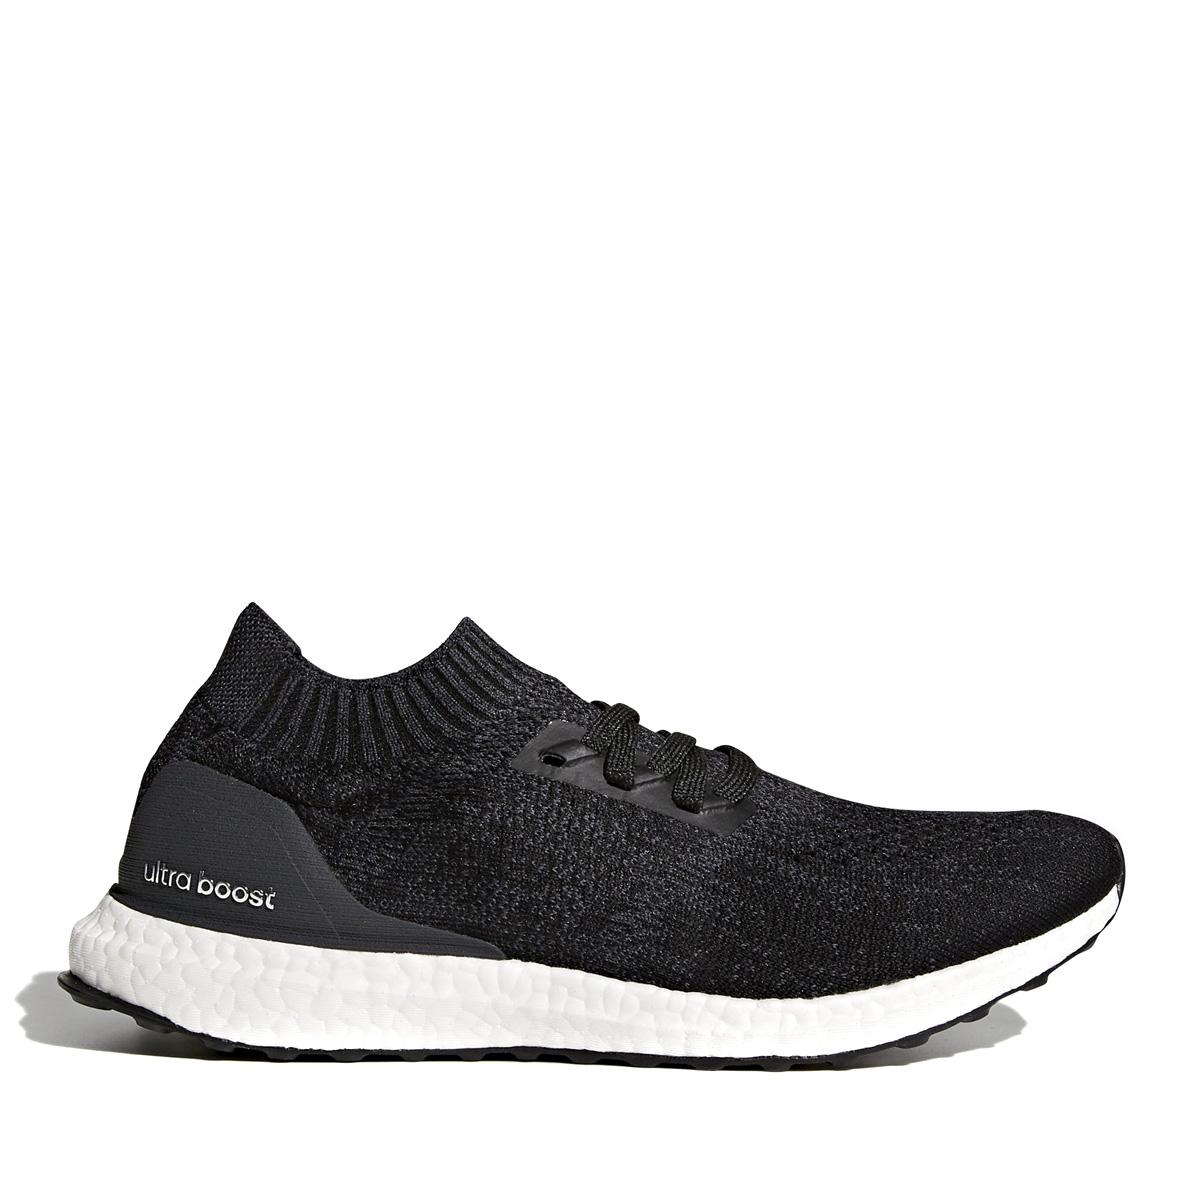 cheap for discount 208d0 9bb82 adidas Originals UltraBOOST Uncaged (Adidas originals ultra boost Ann caged)  Carbon Core Black Grey 18SP-I